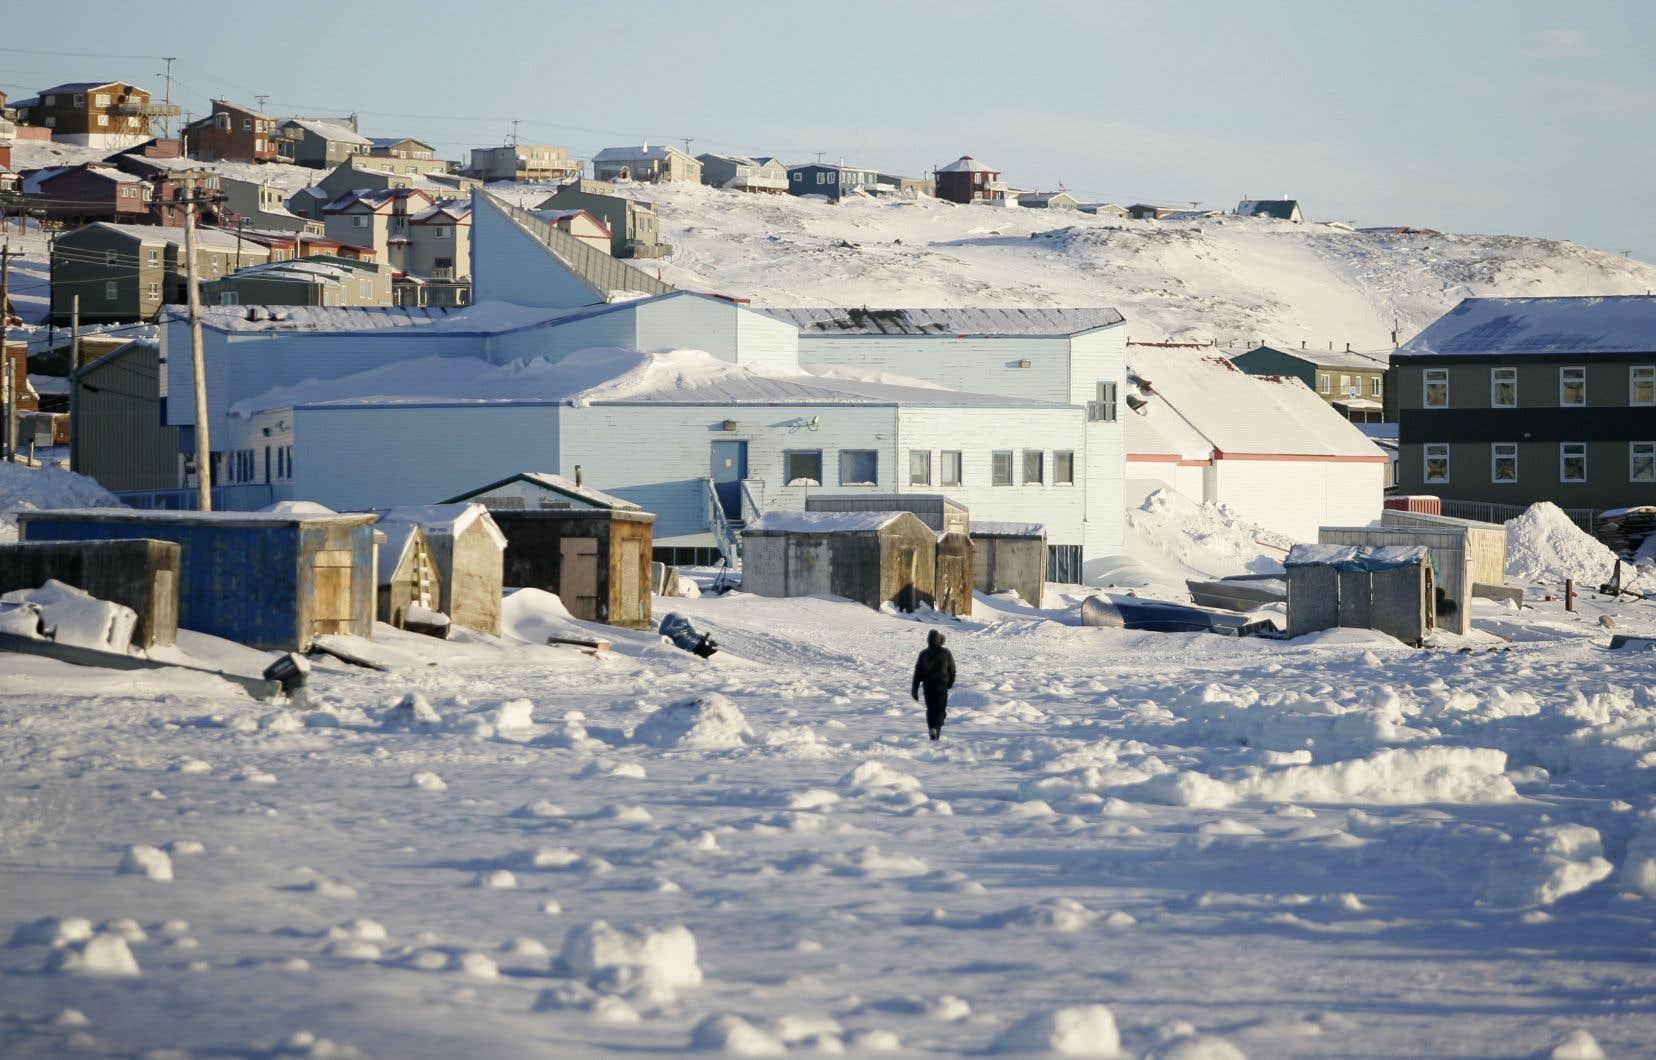 «Malgré des investissements substantiels dans le Nord canadien, la connectivité au Nunavut n'a été que marginalement améliorée», affirment les auteurs.